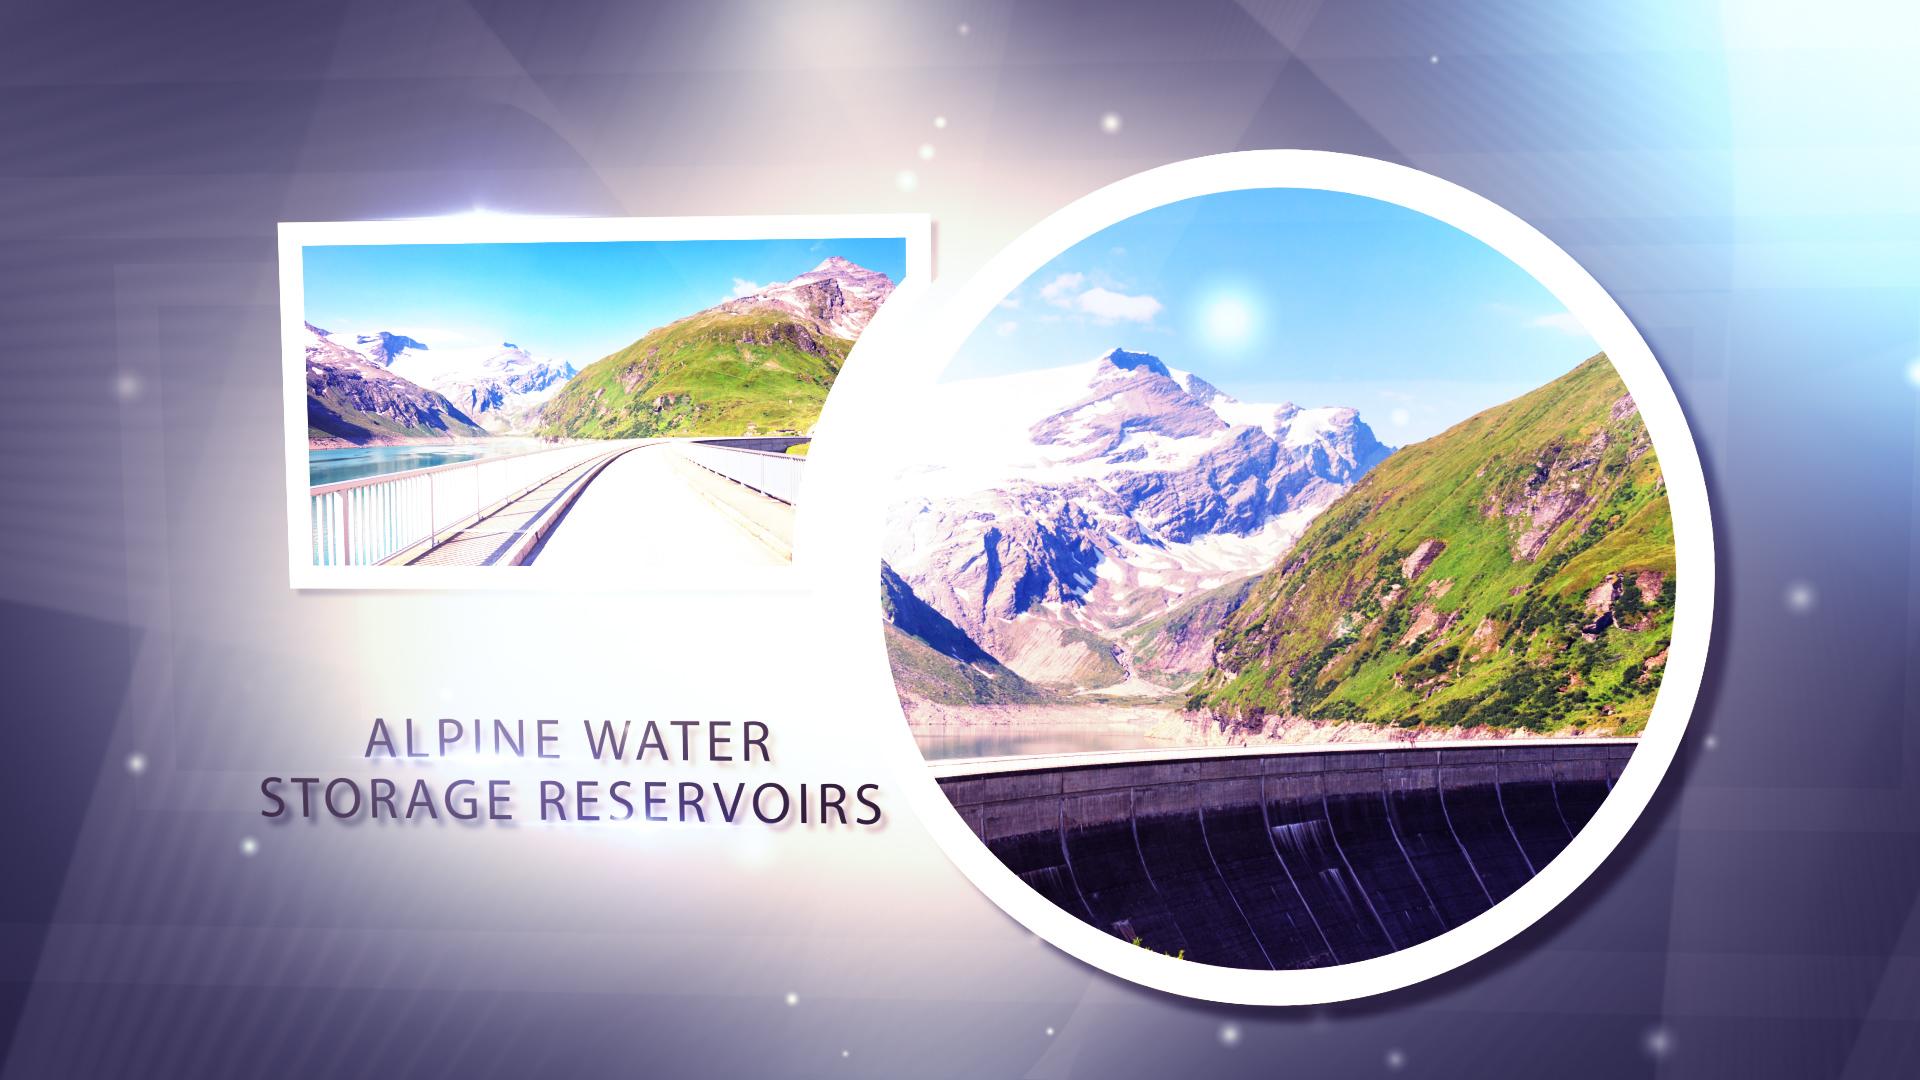 High Alpine Water Storage Reservoirs - Videopreview